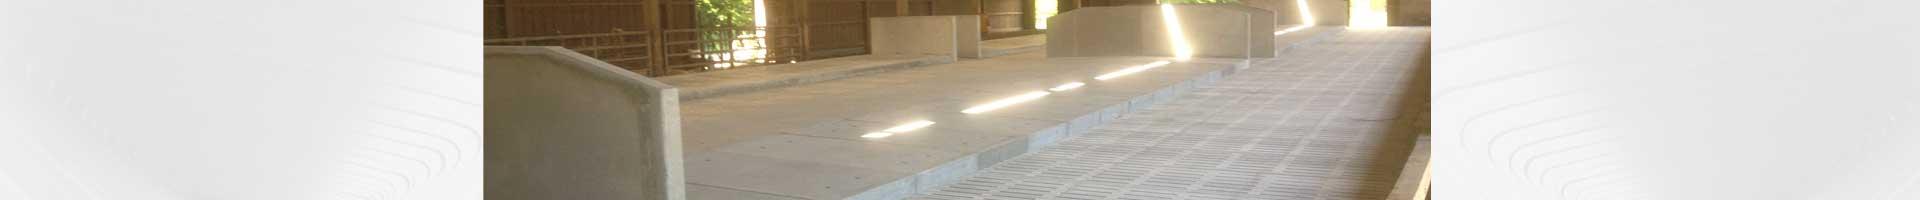 slide-beton9